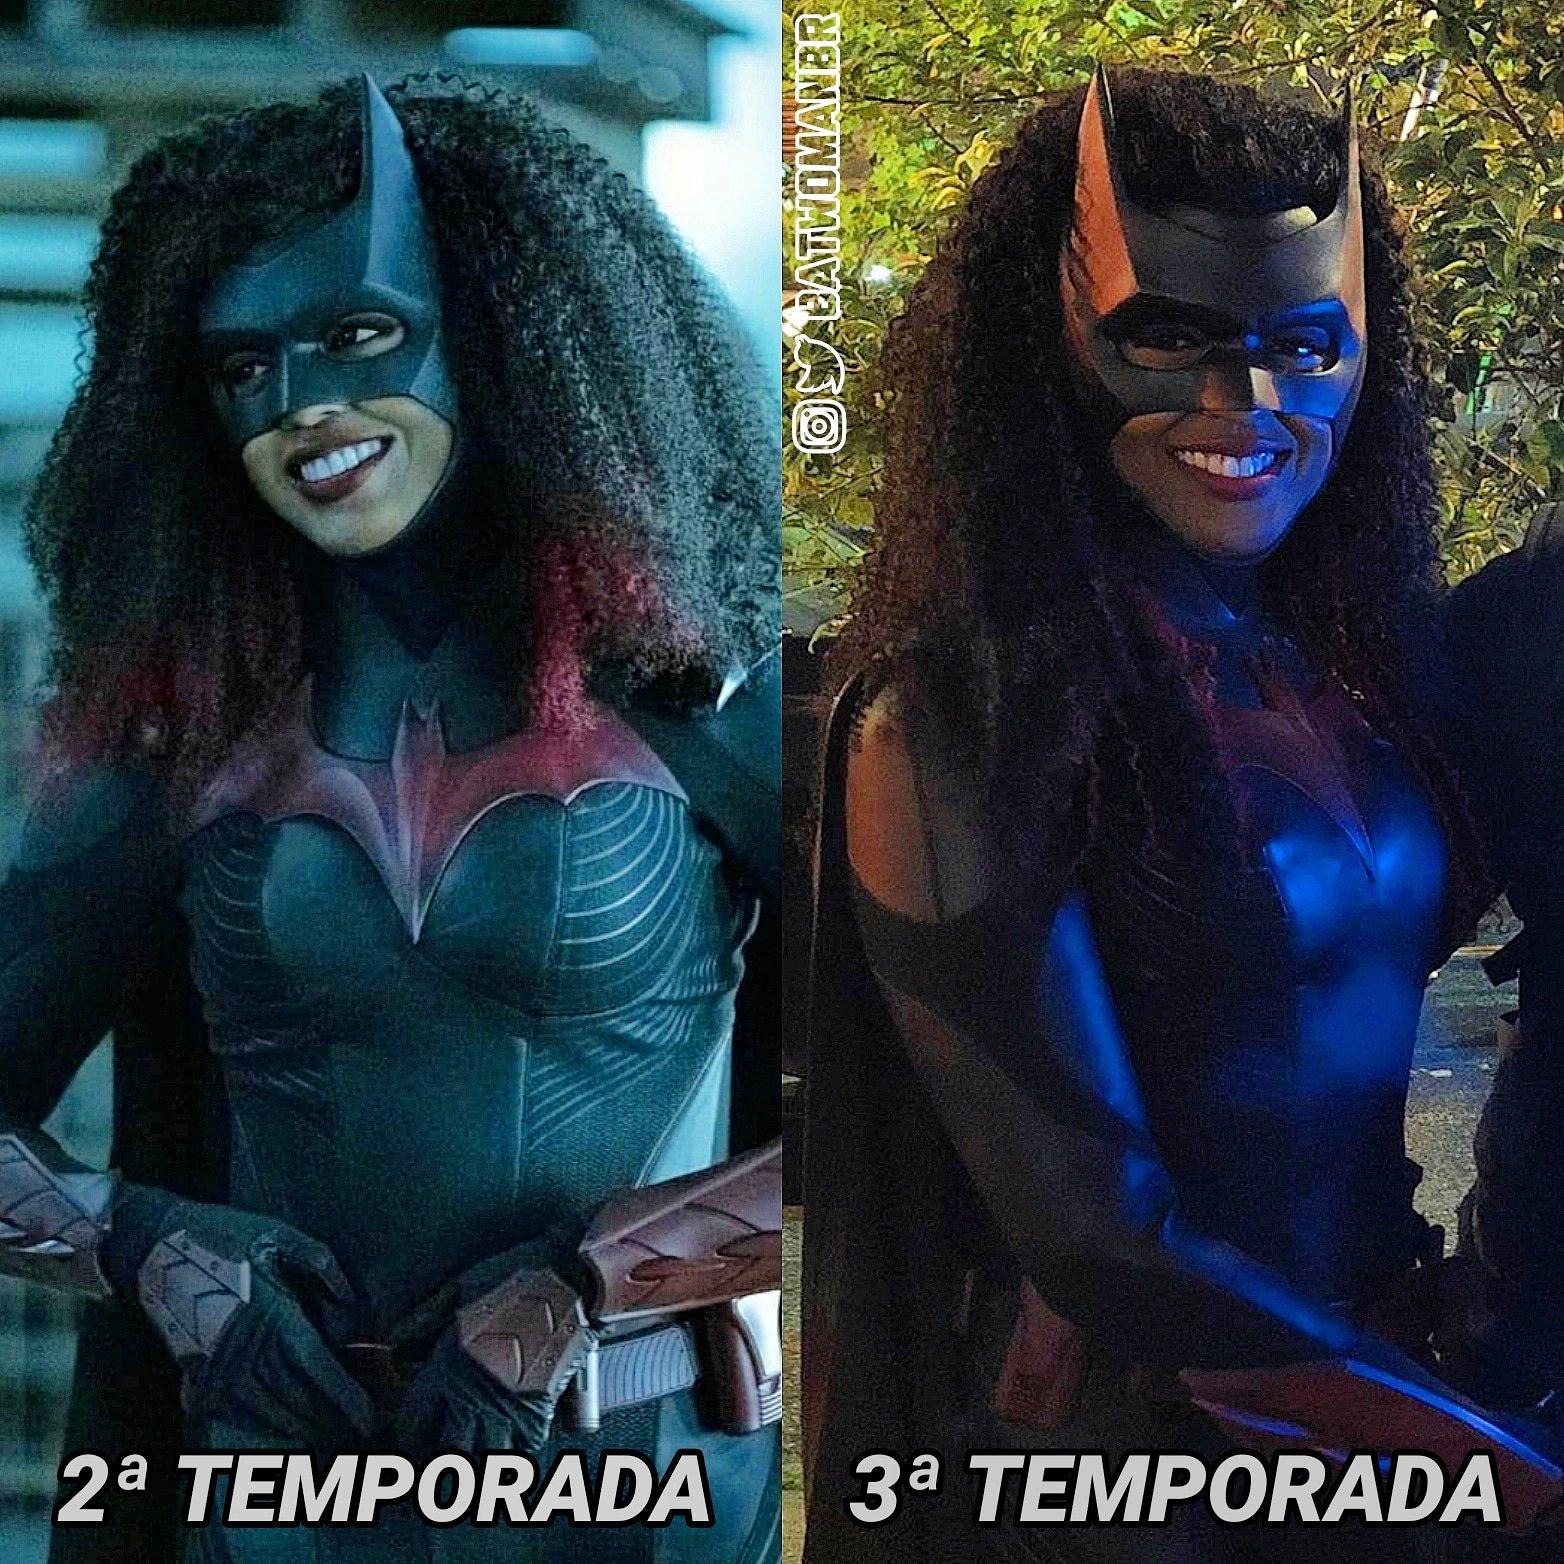 https://maskripper.org/wp-content/uploads/2021/08/Batwoman_wig_2_3.jpg